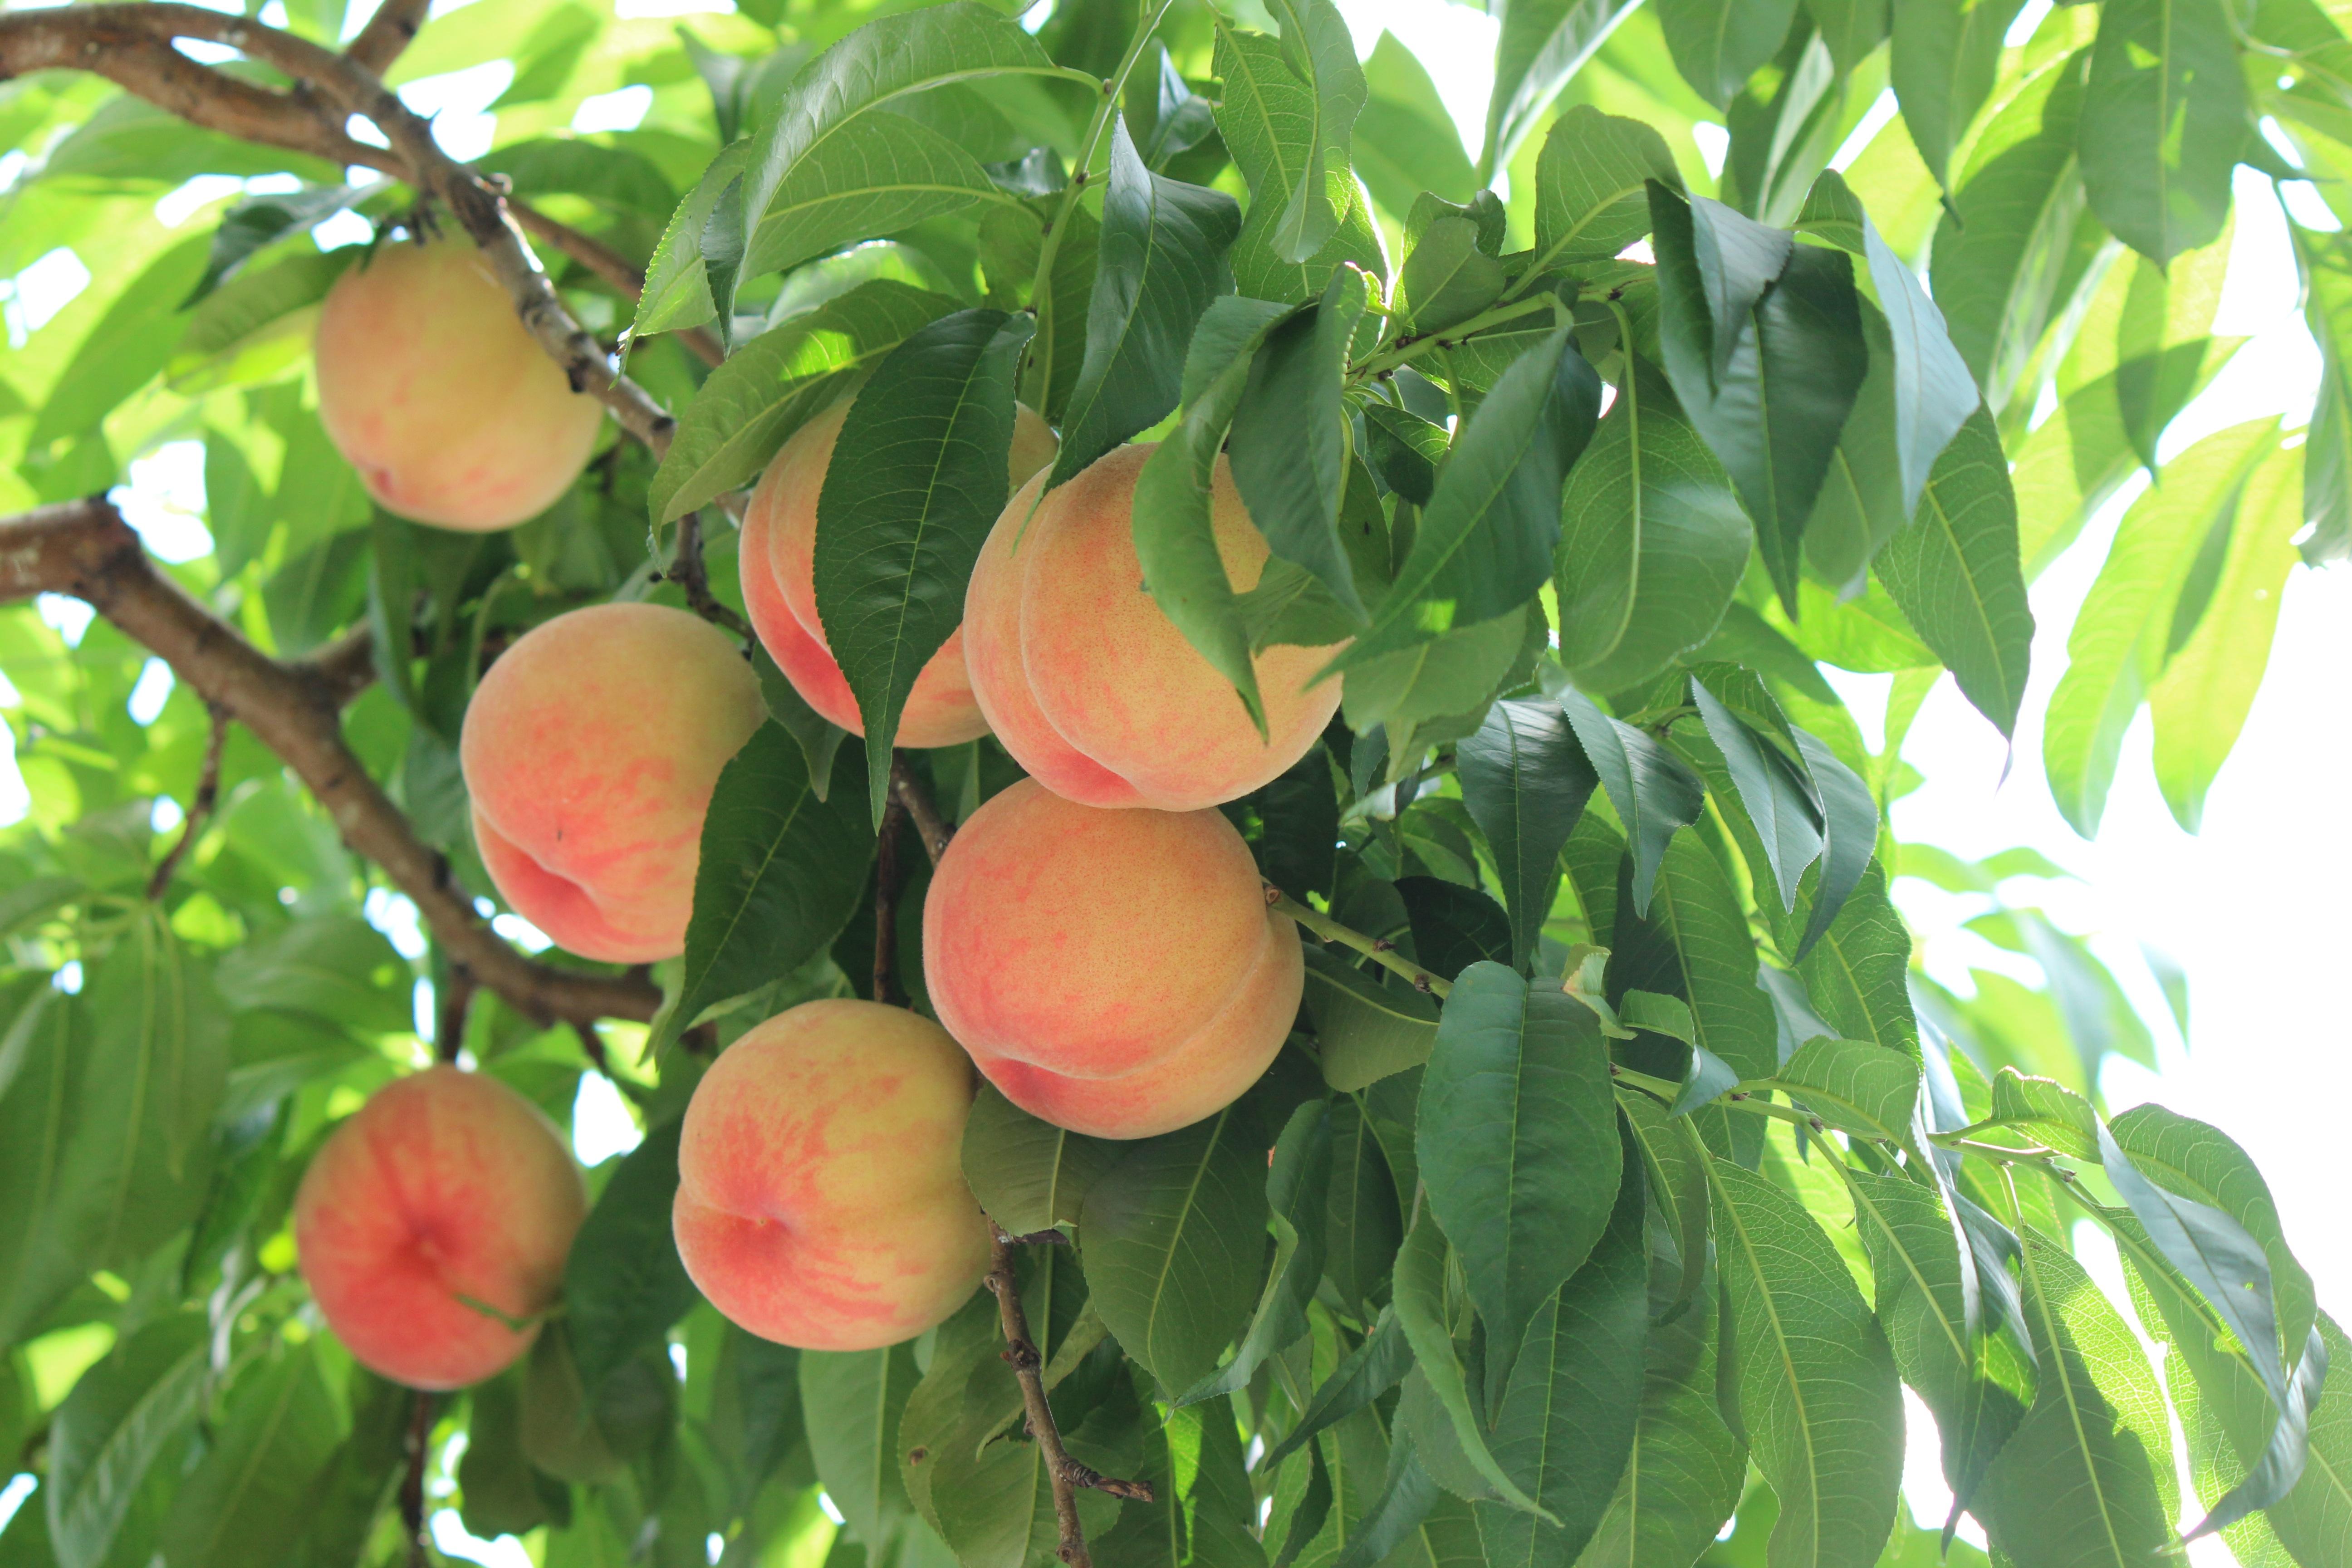 Melocotonero plagas y enfermedades junio 2017 for Plantas frutales